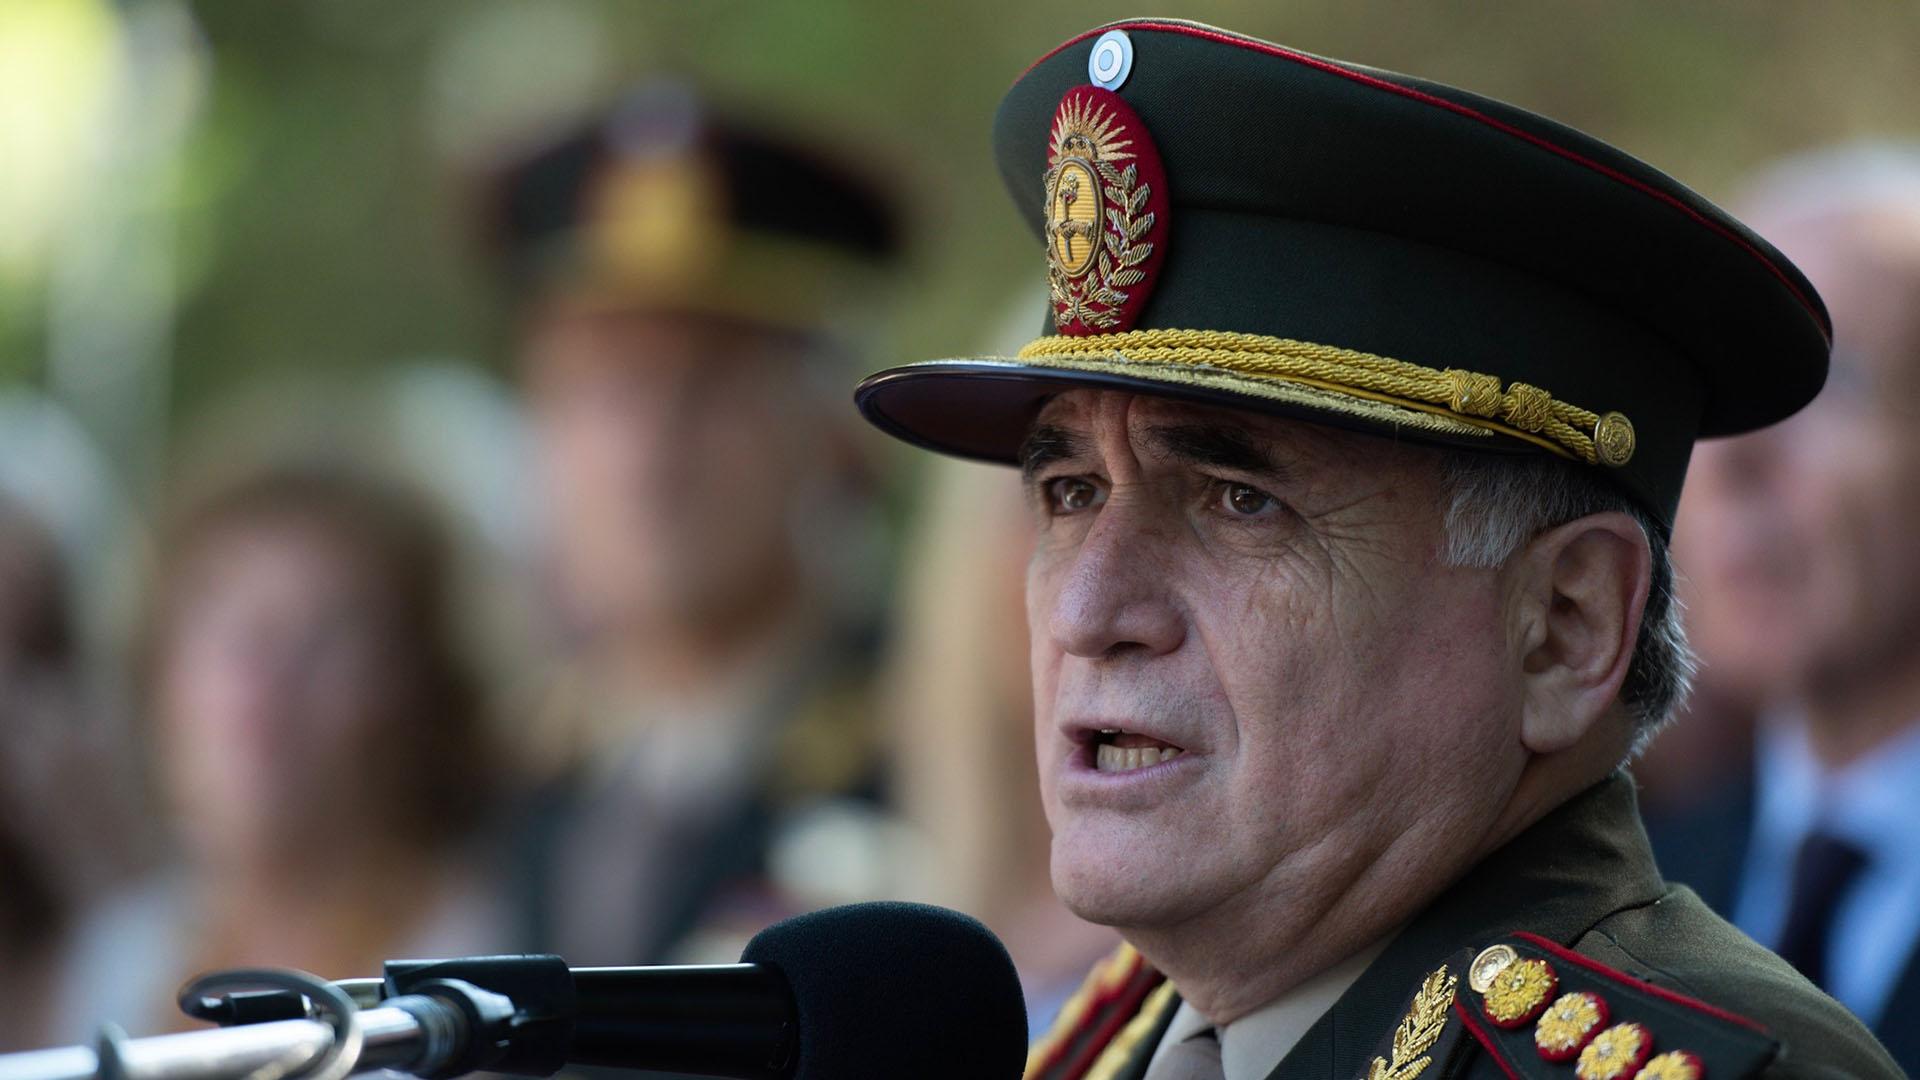 El jefe del Estado Mayor Conjunto, Bari Del Valle Sosa, ex combatiente de Malvinas fue el encargado de evocar la gesta del Atlántico Sur